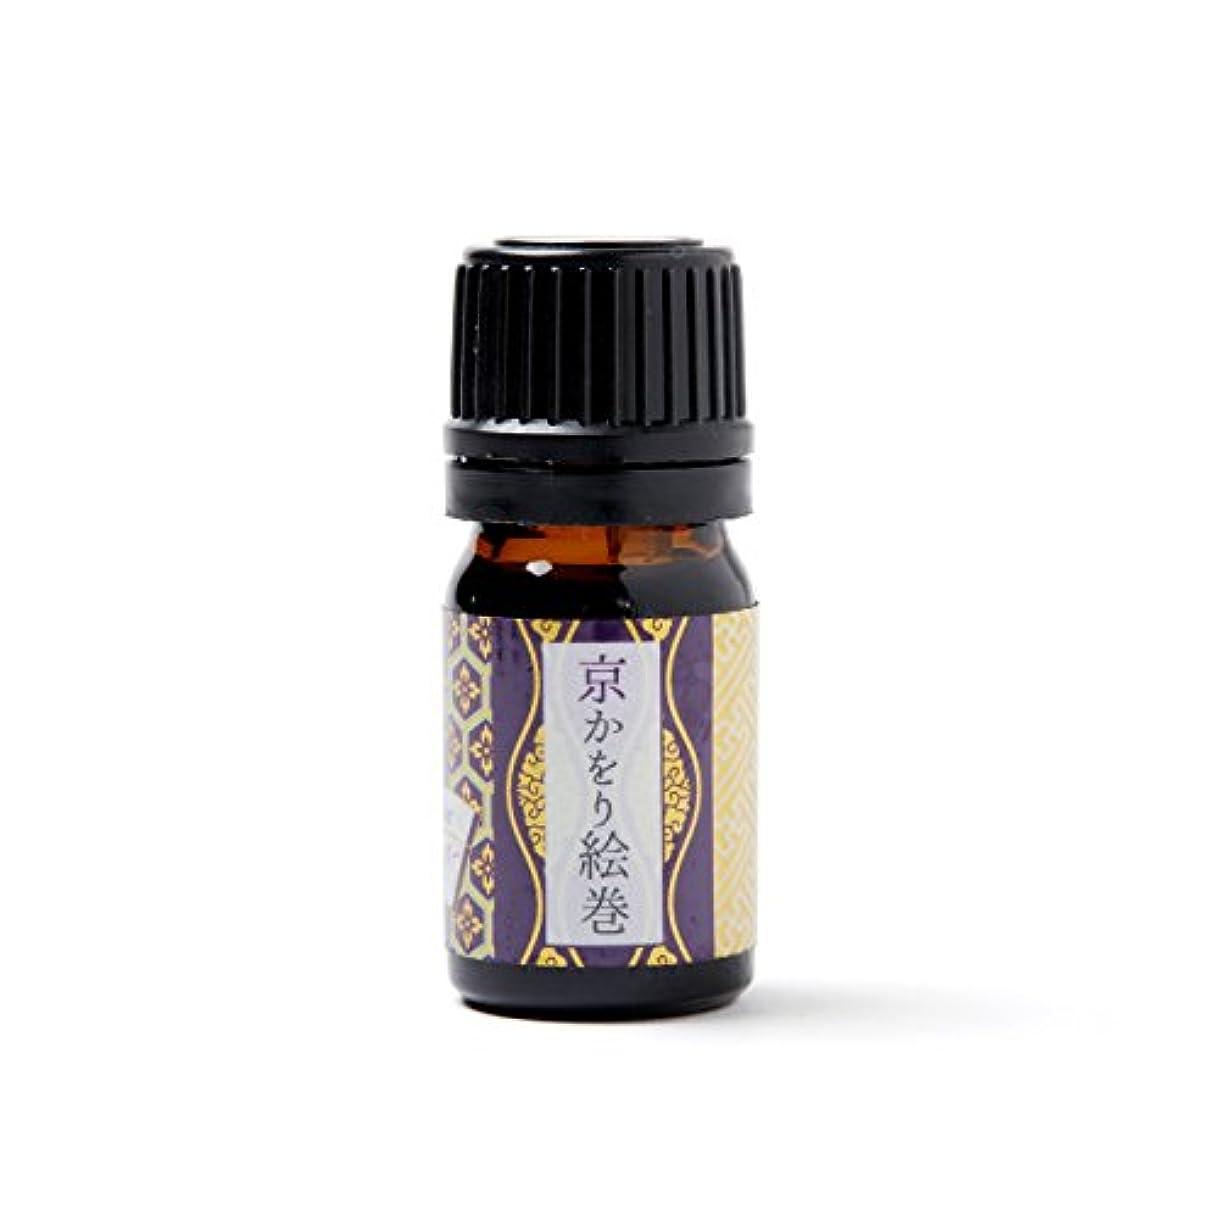 インク等不幸cheero Sleepion アロマオイル 5ml 100%天然アロマ ピュア&ナチュラル [ エッセンシャルオイル/精油 睡眠 リラックス (ラベンダー)